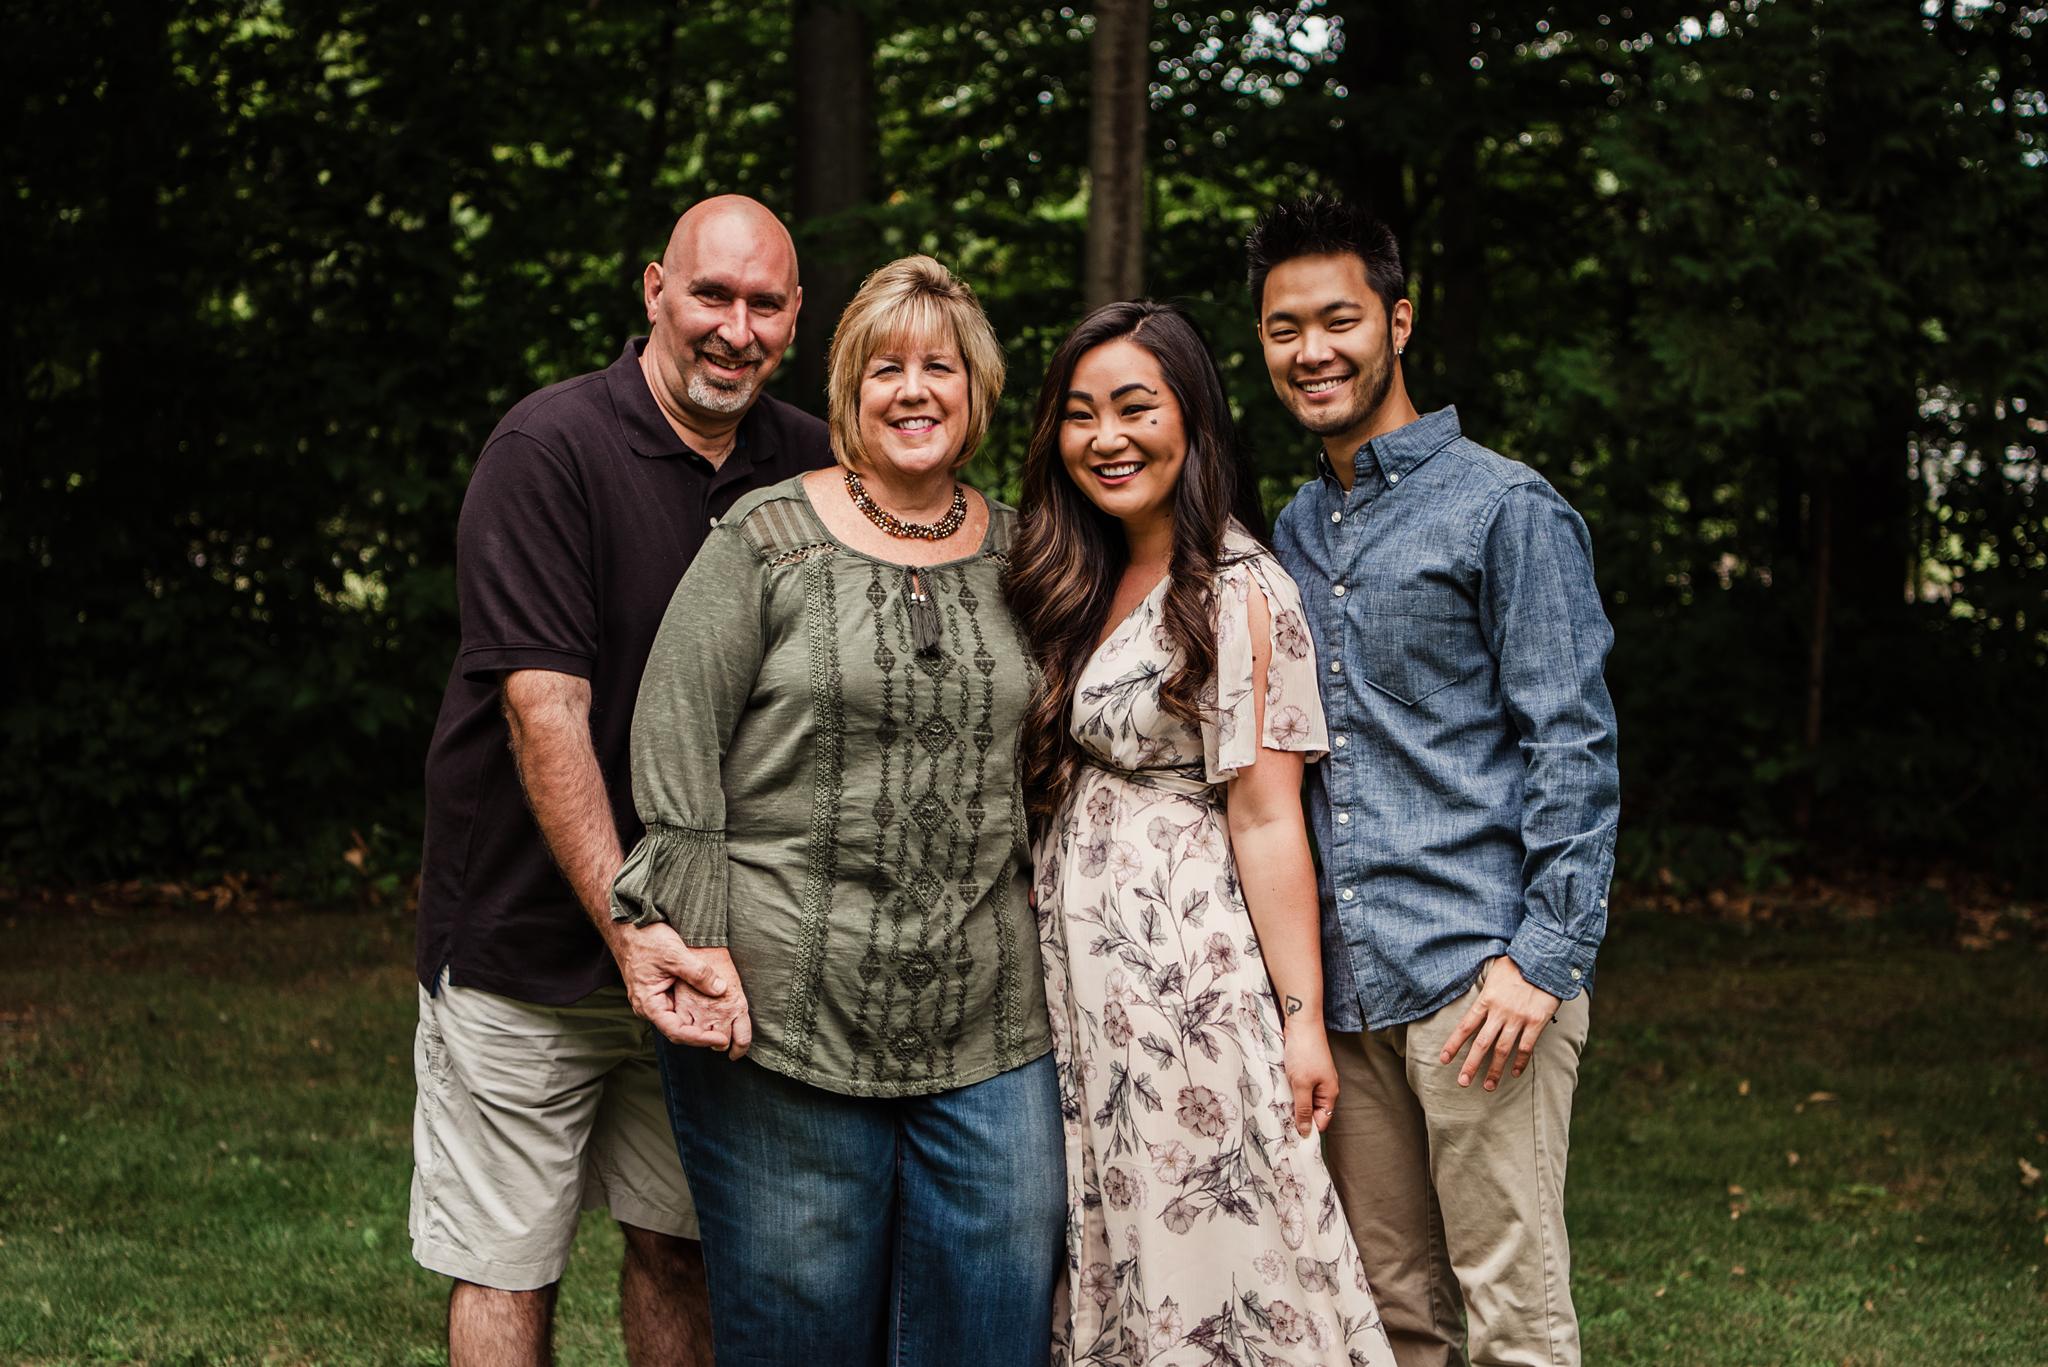 Our_Family_2019_Rochester_Family_Session_JILL_STUDIO_Rochester_NY_Photographer_DSC_5254.jpg